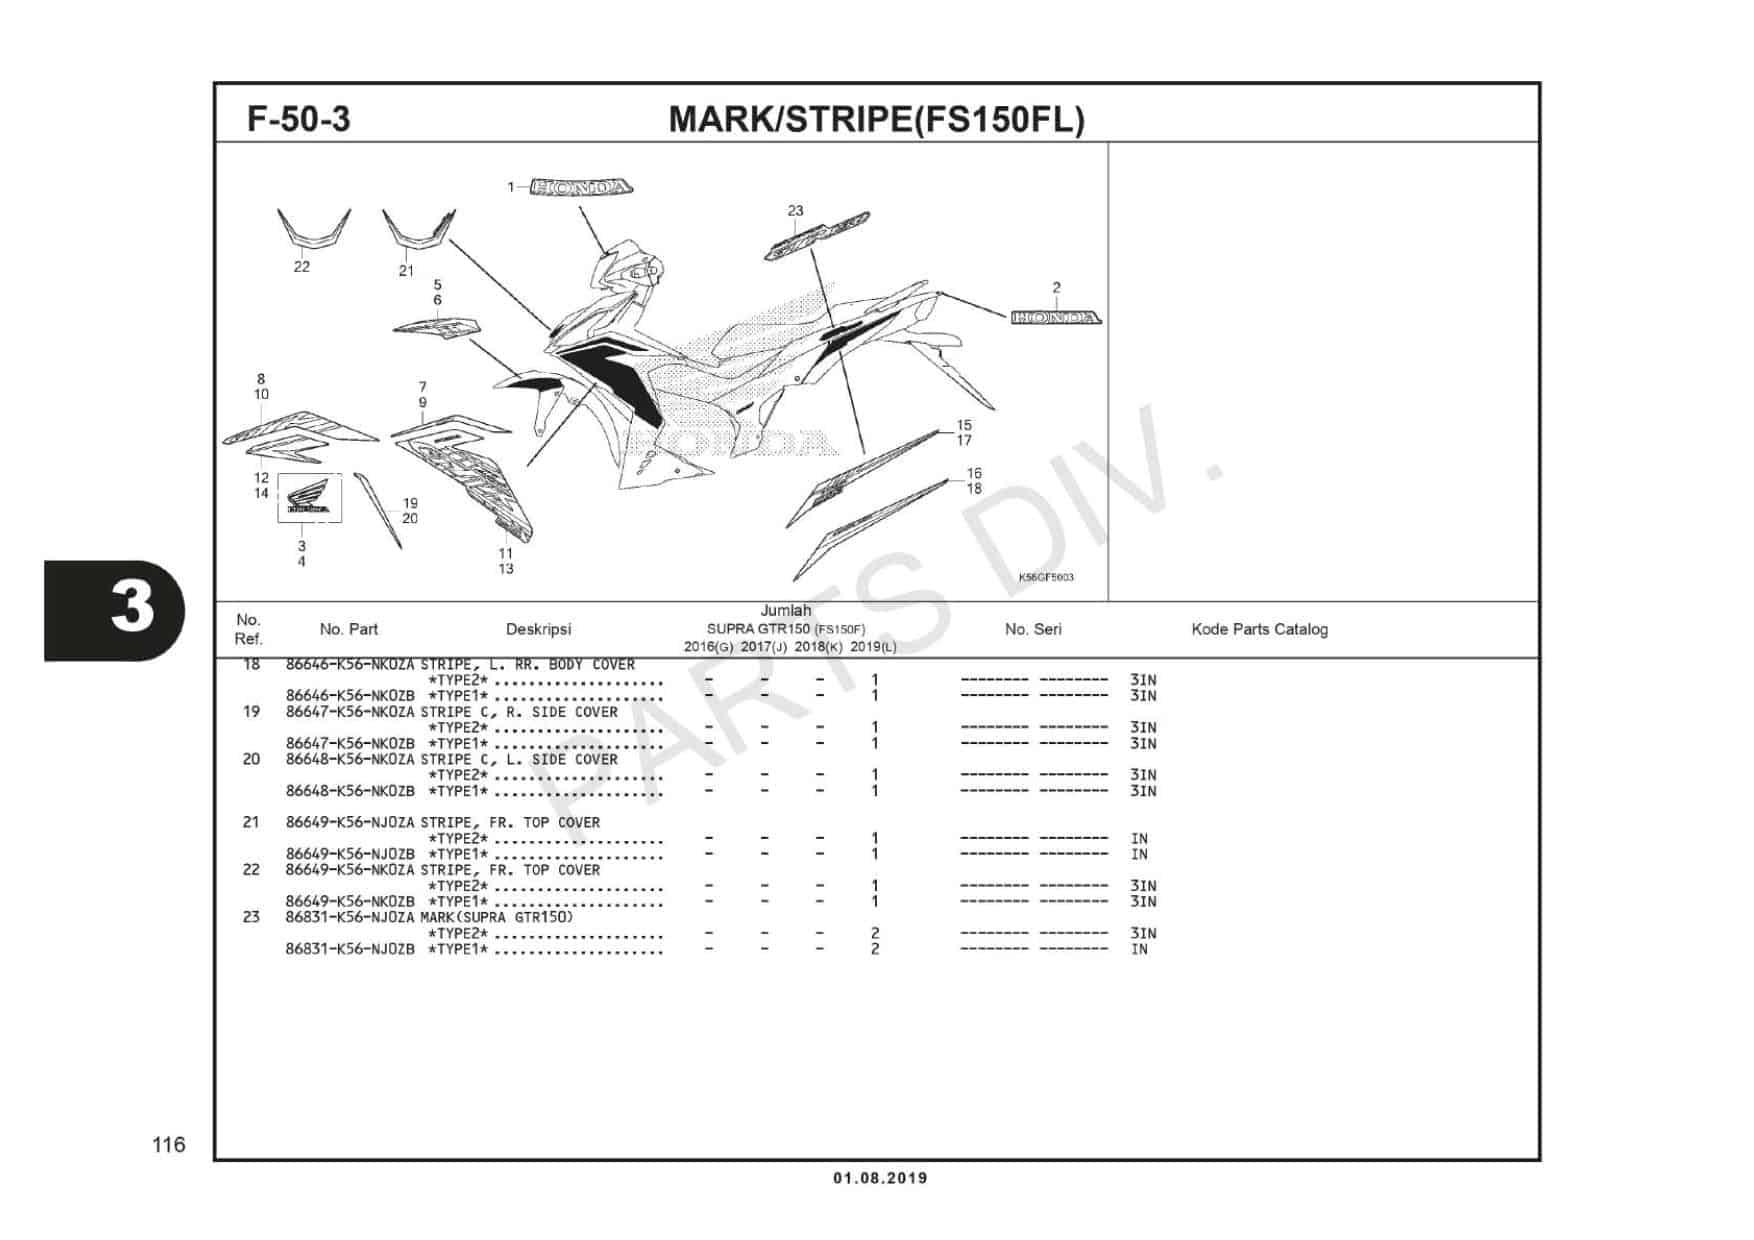 F-50-3 Mark/Stripe (FS150FL)